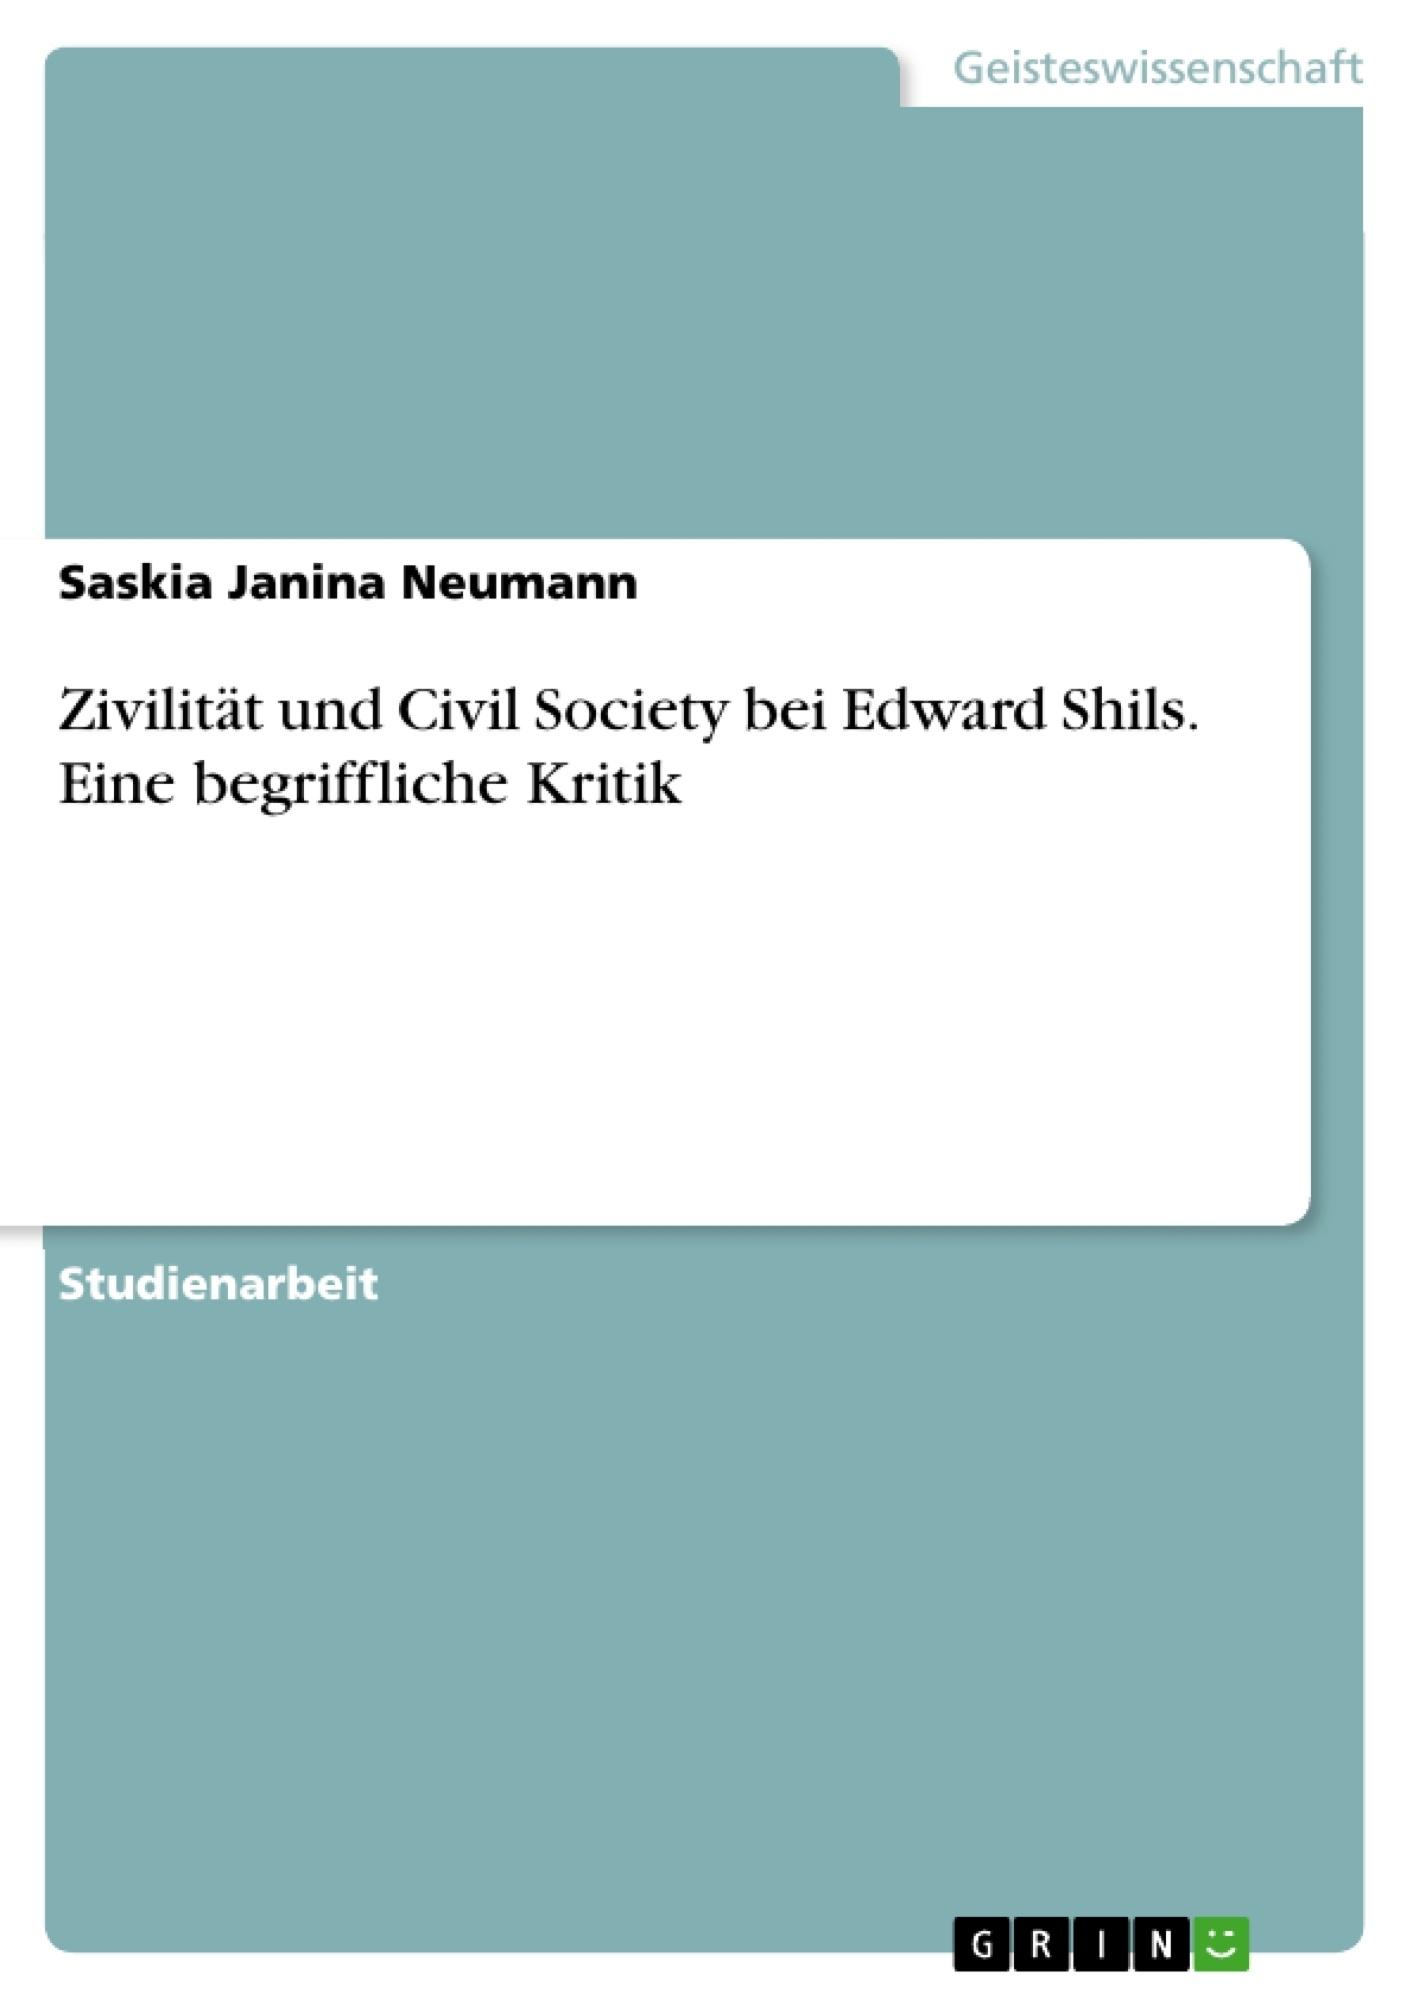 Titel: Zivilität und Civil Society bei Edward Shils. Eine begriffliche Kritik